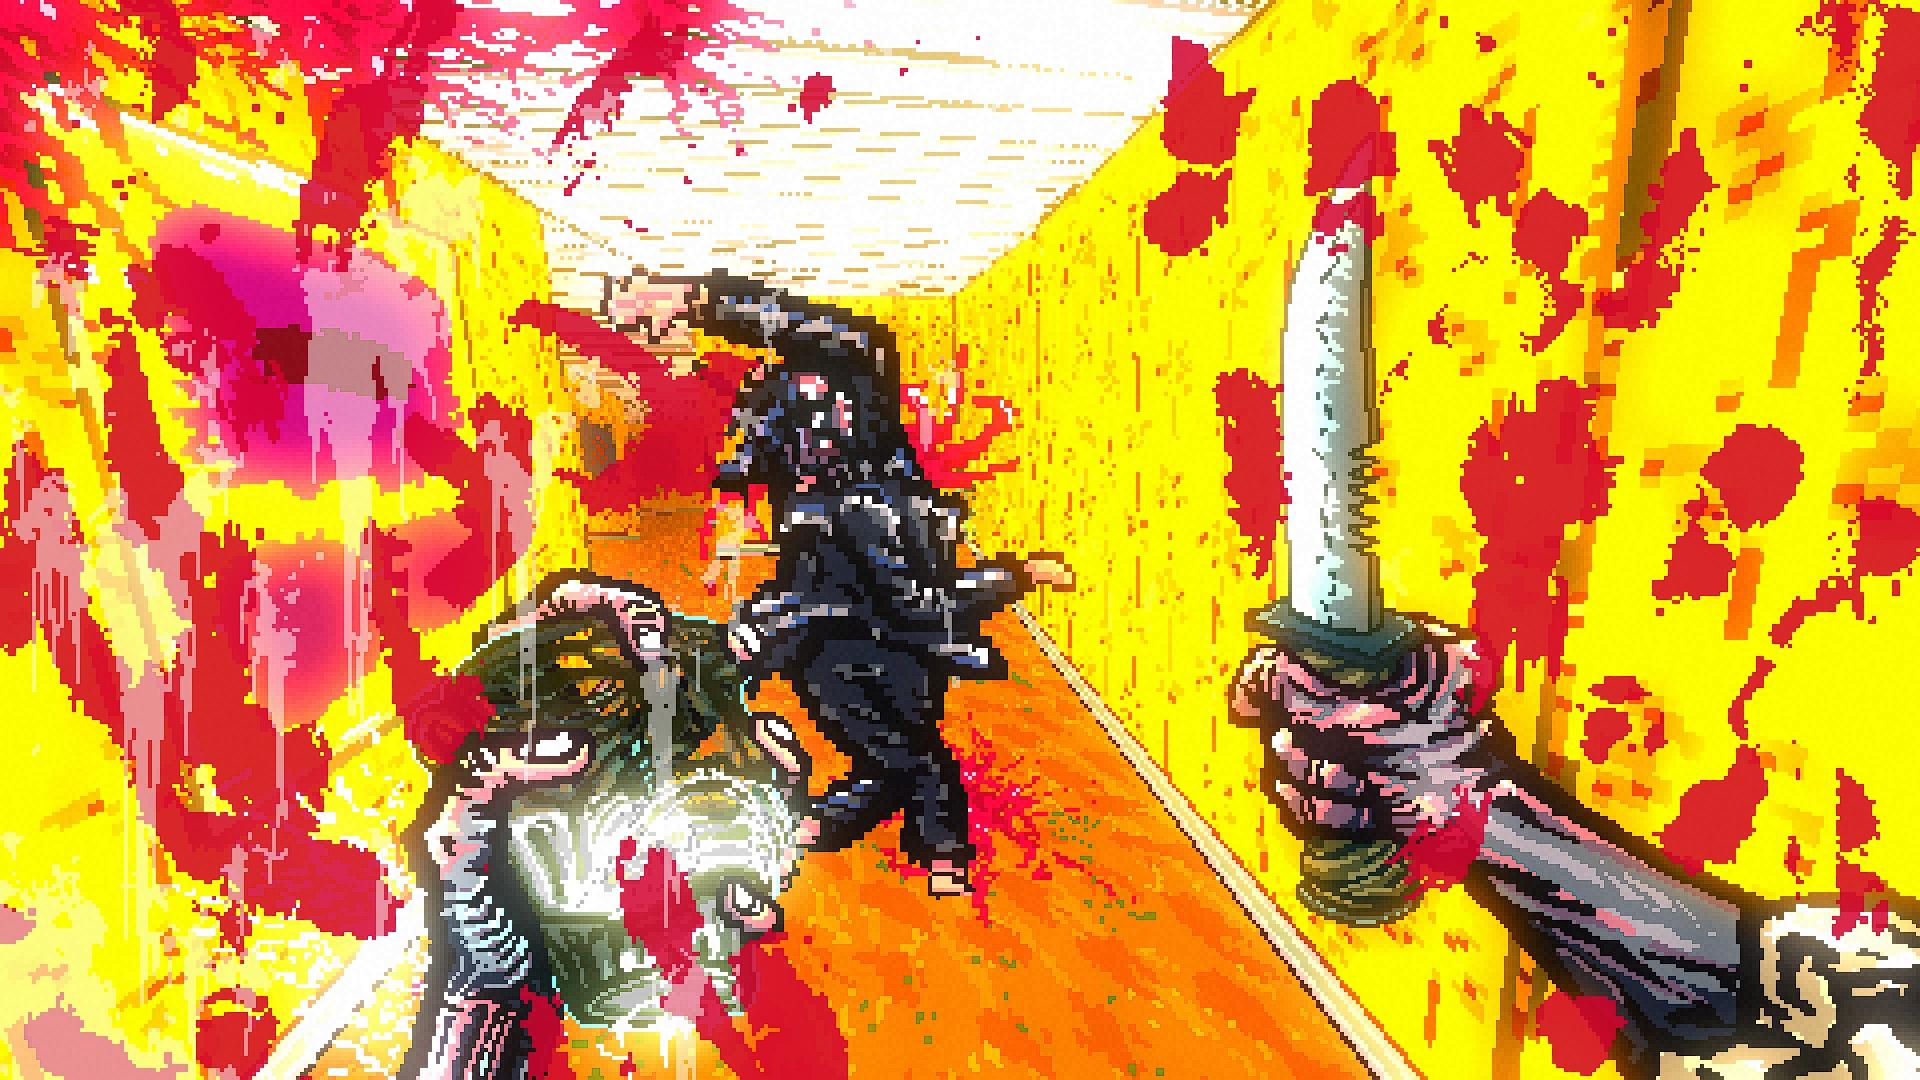 Una vista en primera persona, la cámara salpicada de sangre, una forma humana adelante girando, mortalmente herida.  En mi kand derecho hay un cuchillo grande.